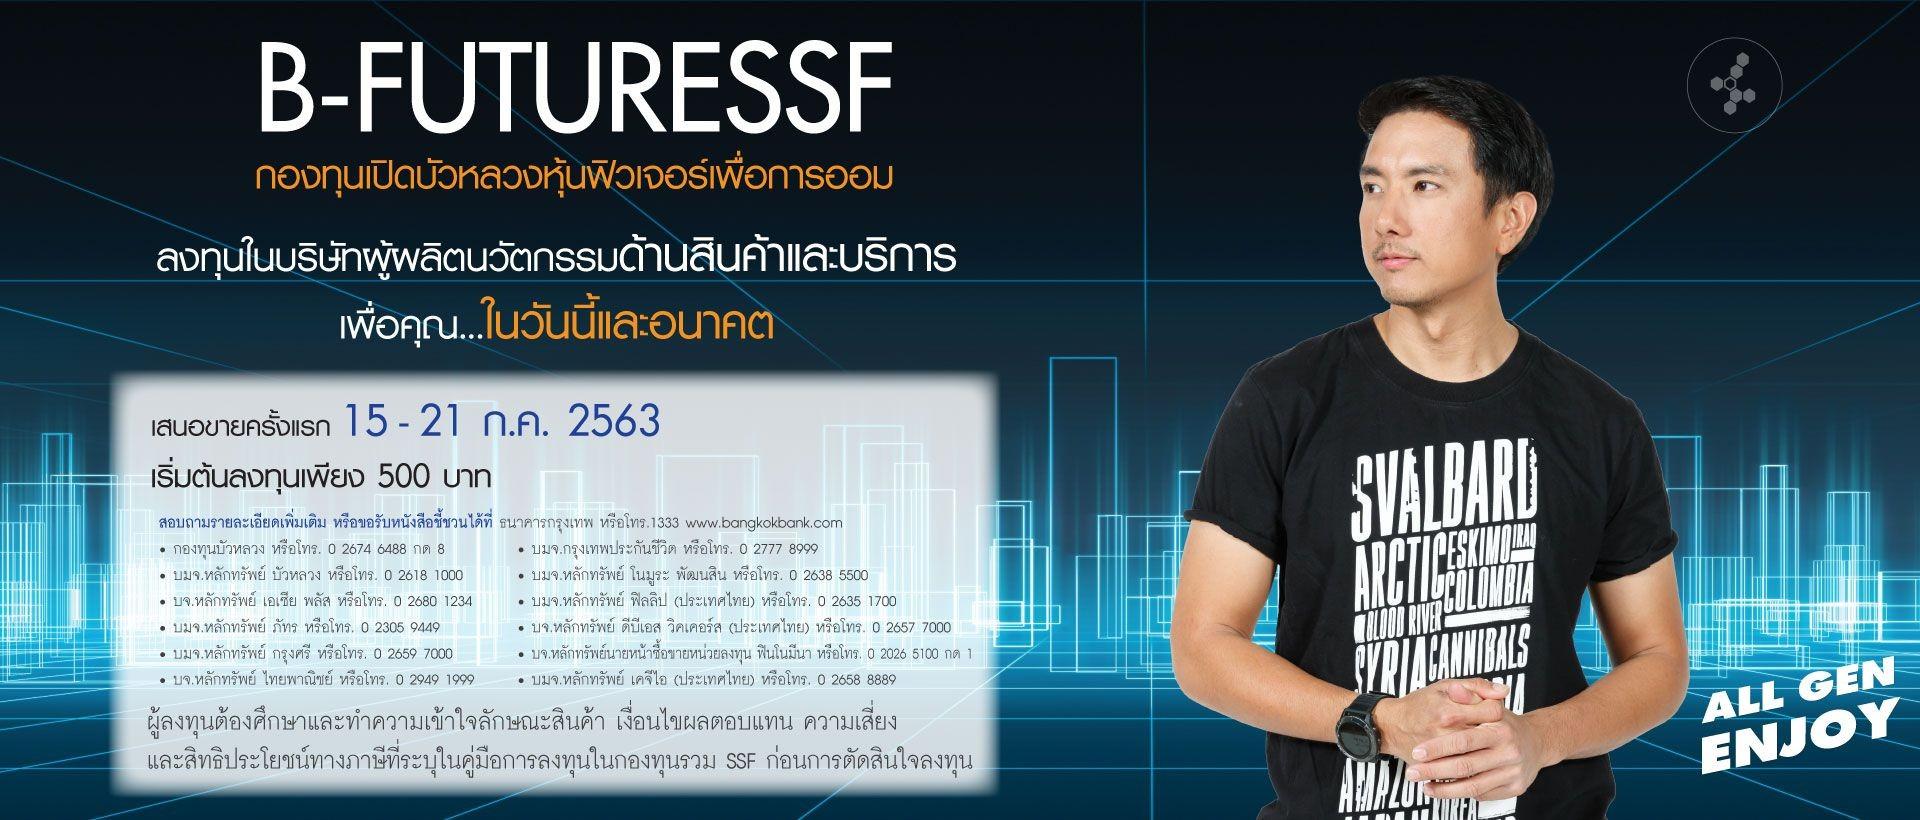 B-FUTURESSF.jpg